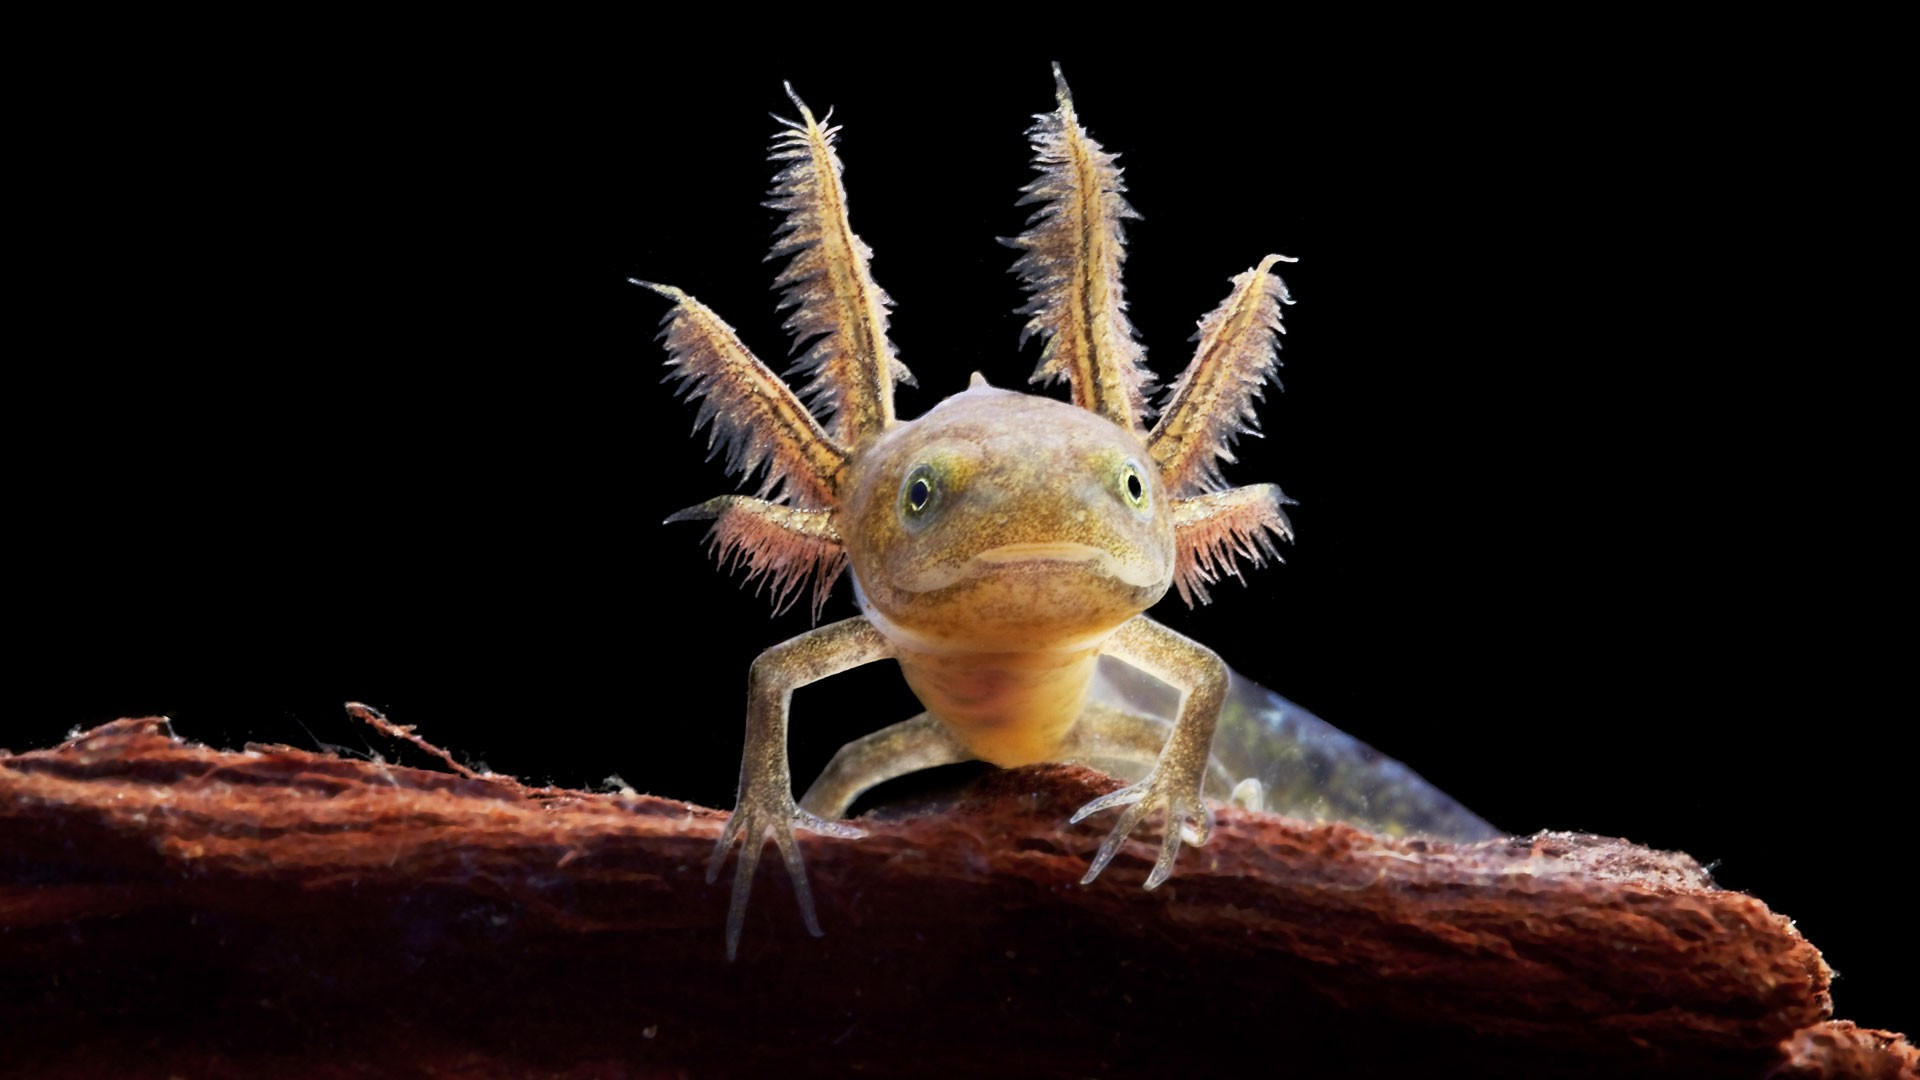 Mexican axolotl